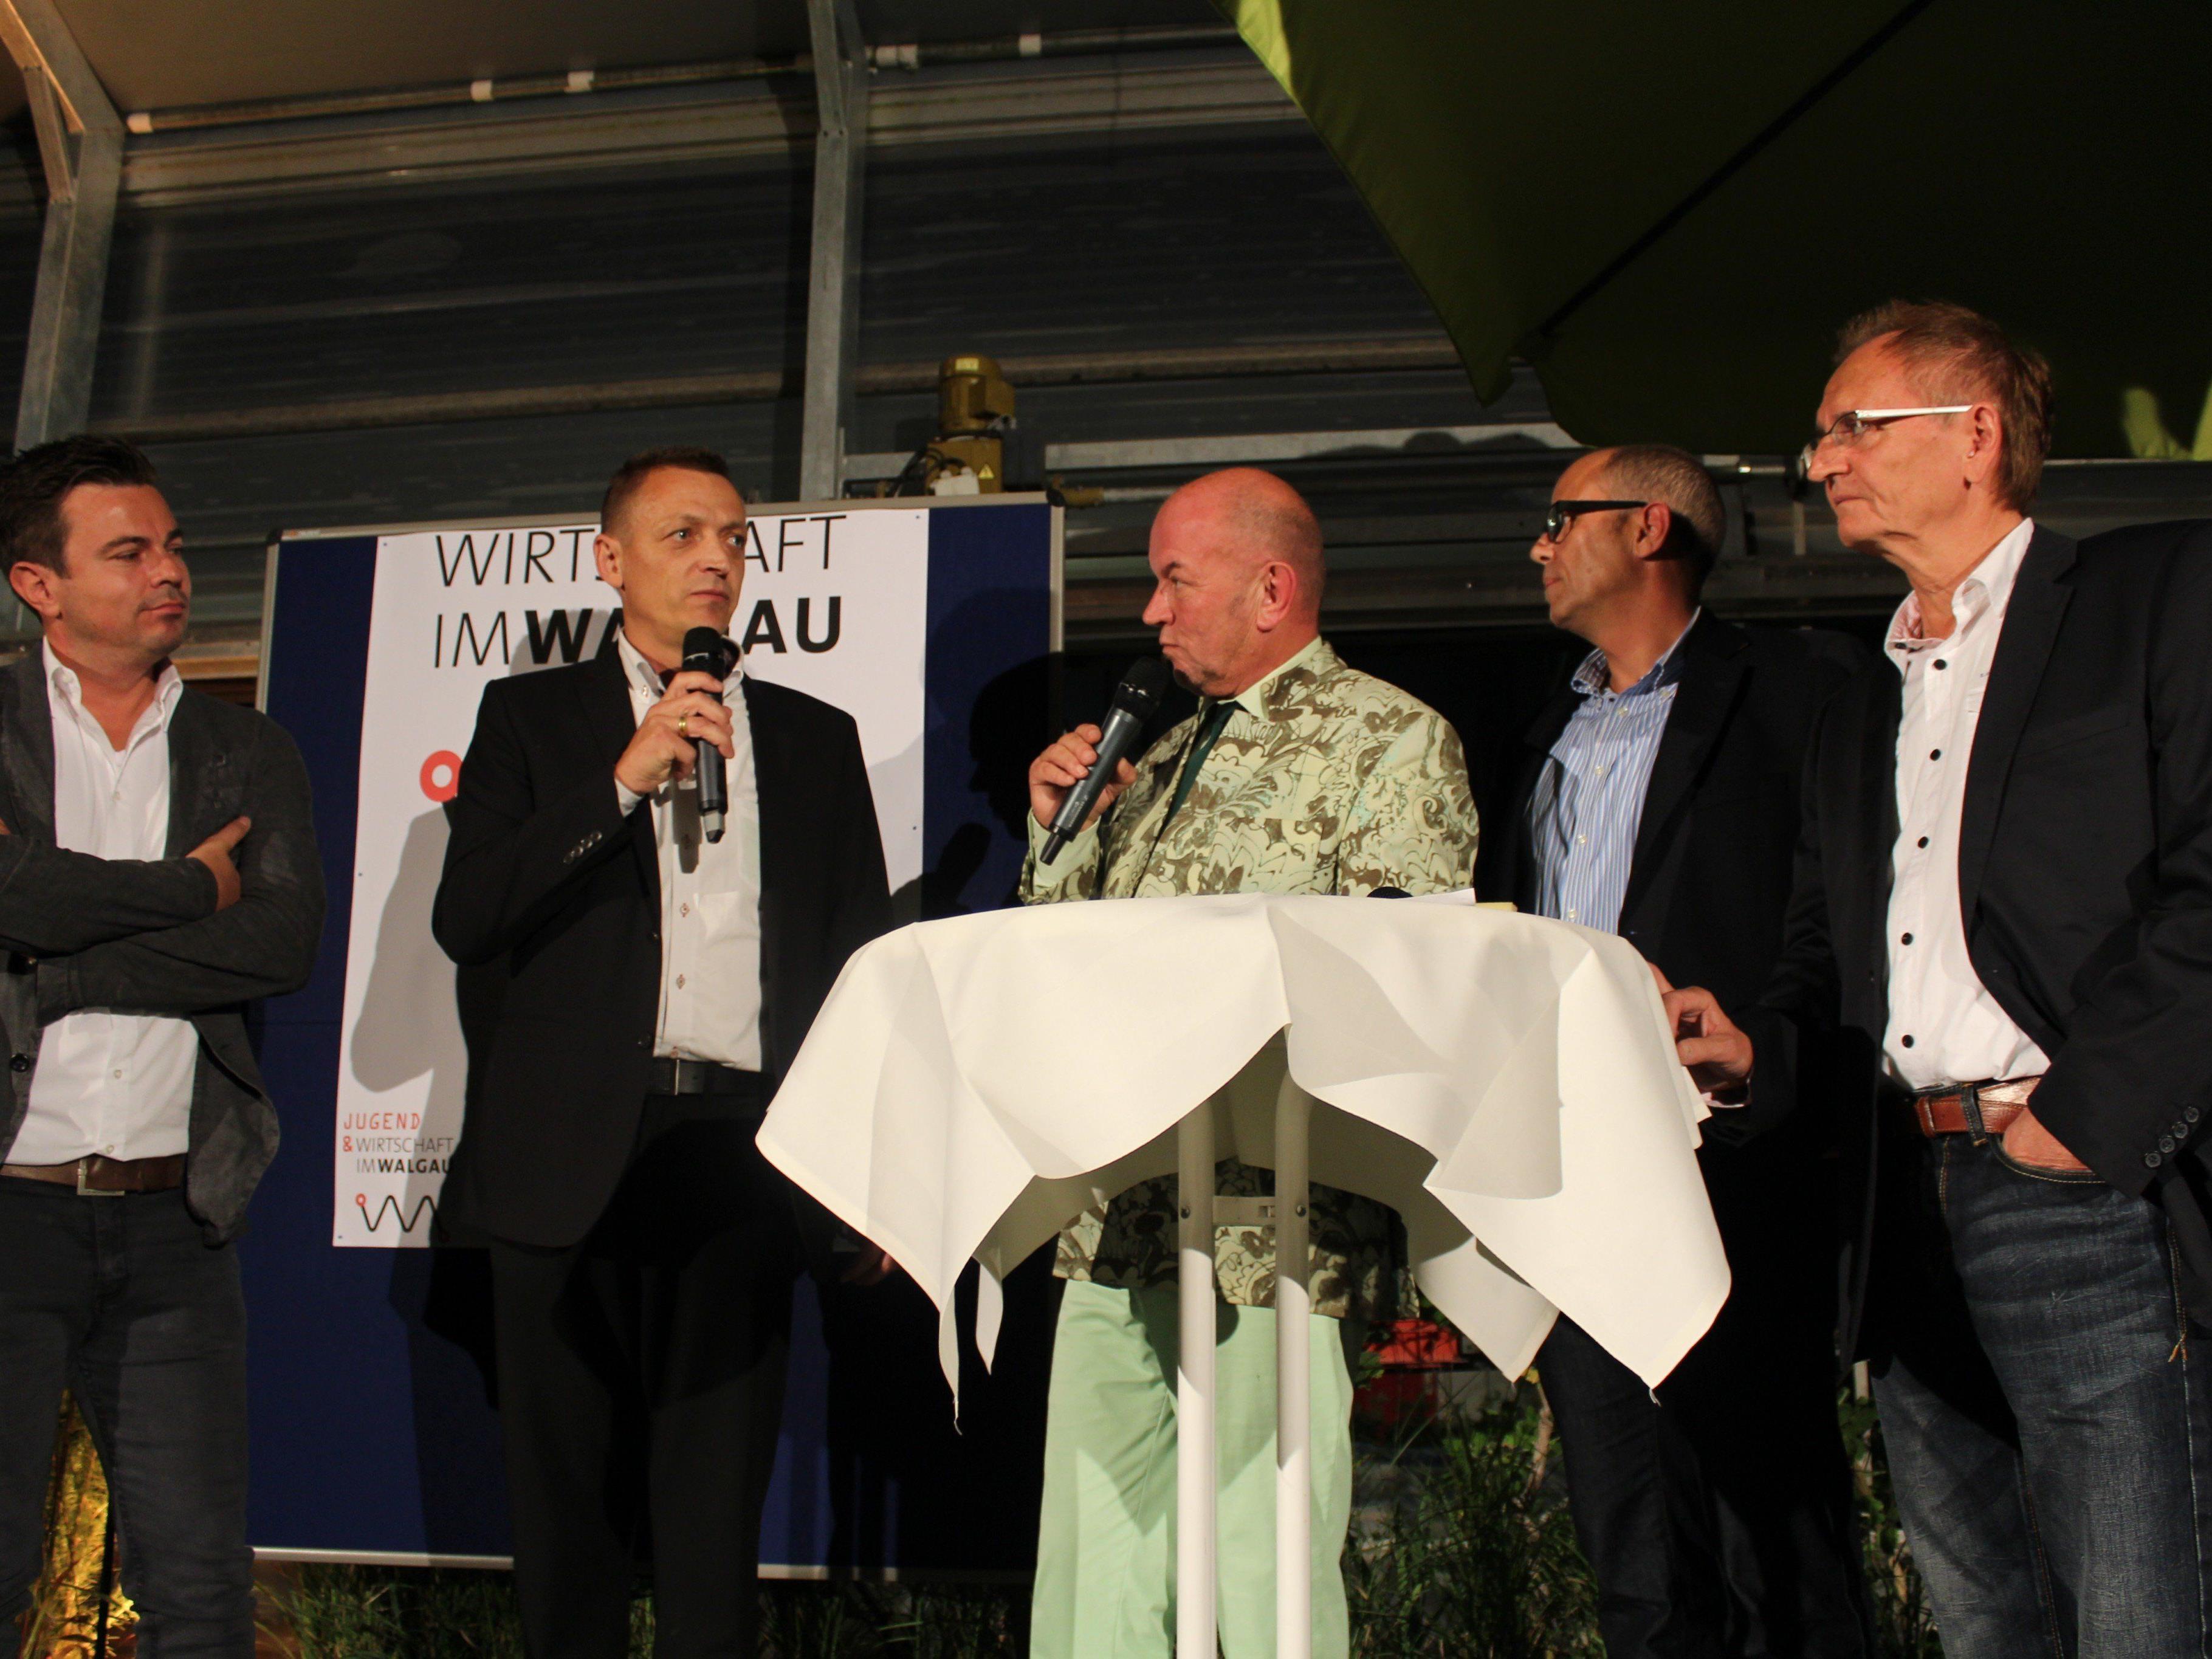 WIWA - Wirtschaft im Walgau bündelt gemeinsame Stärken